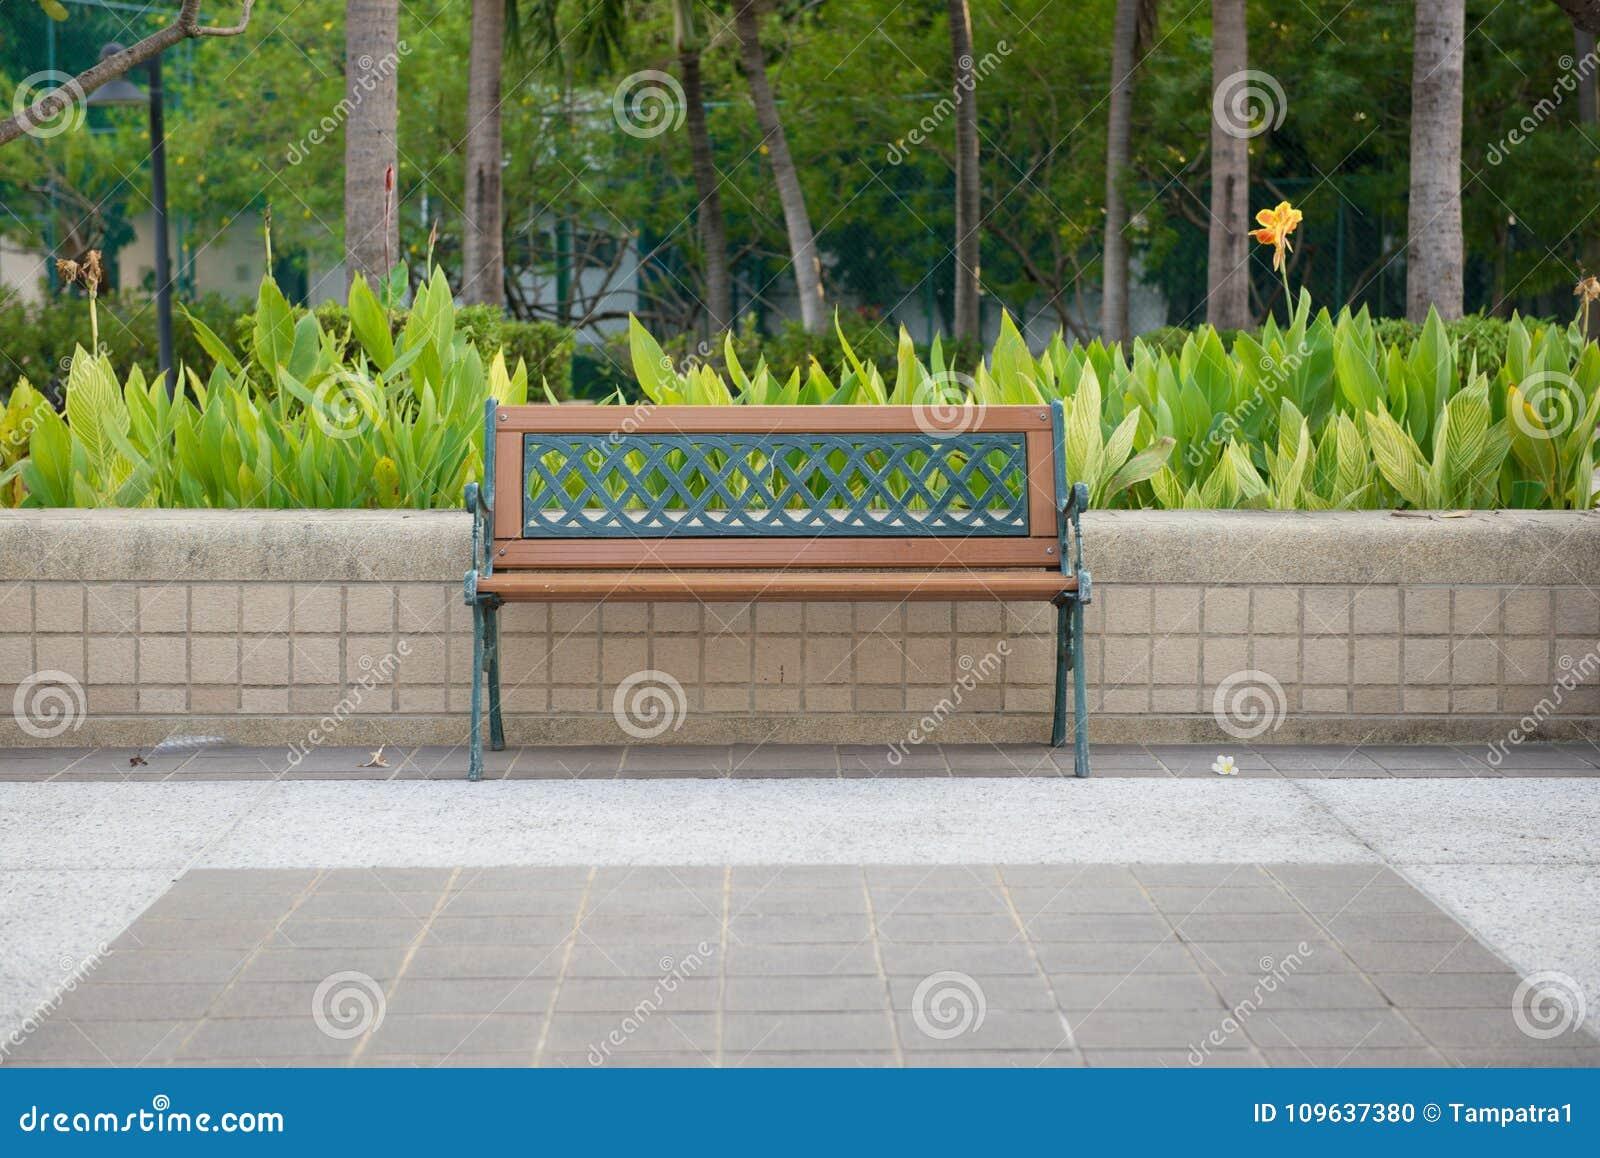 Banco vazio isolado em um parque público com jardim